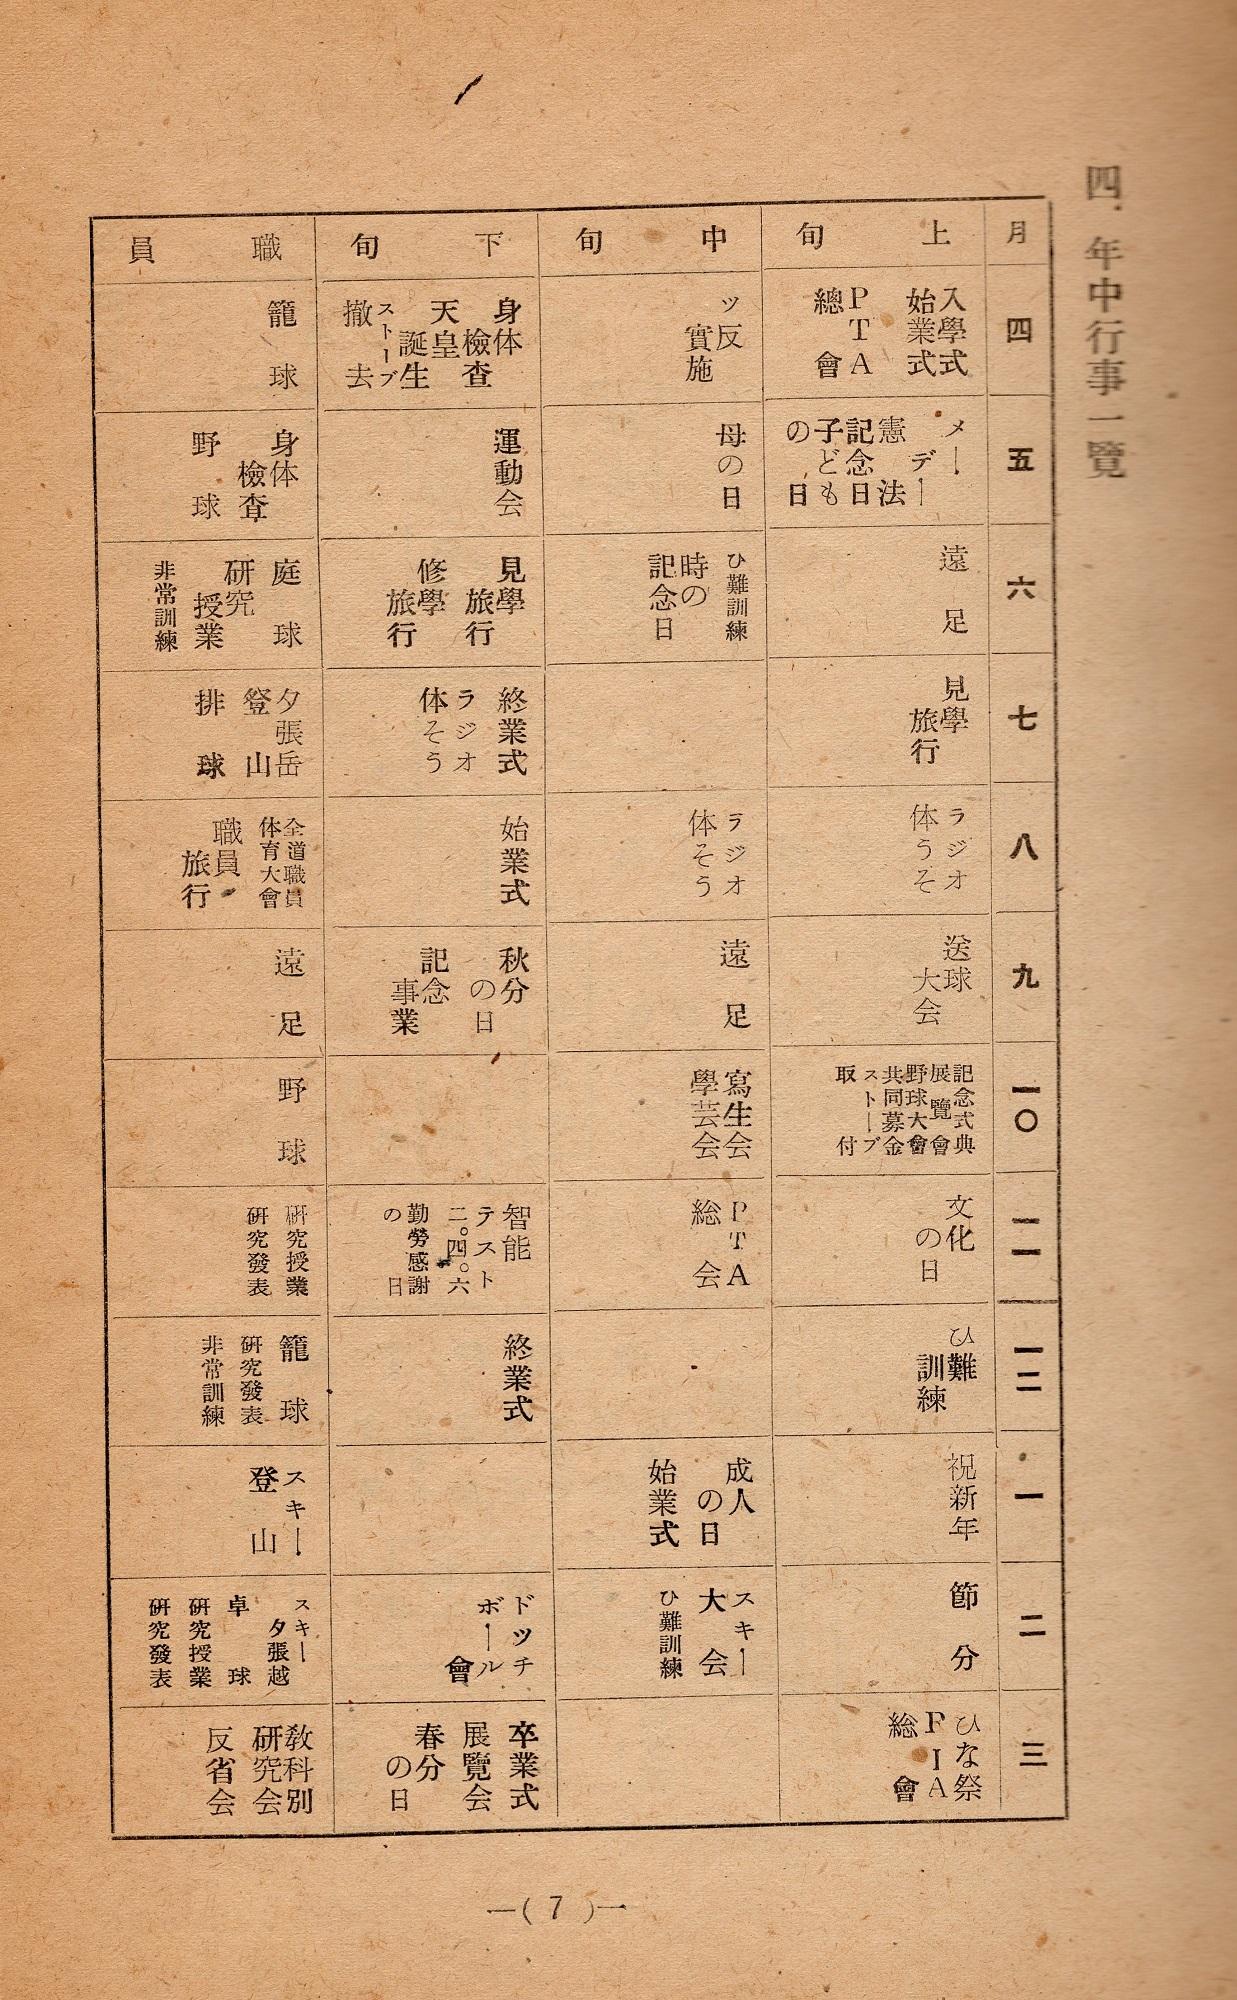 昭和28年学校概要|鹿島小学校(7/22)